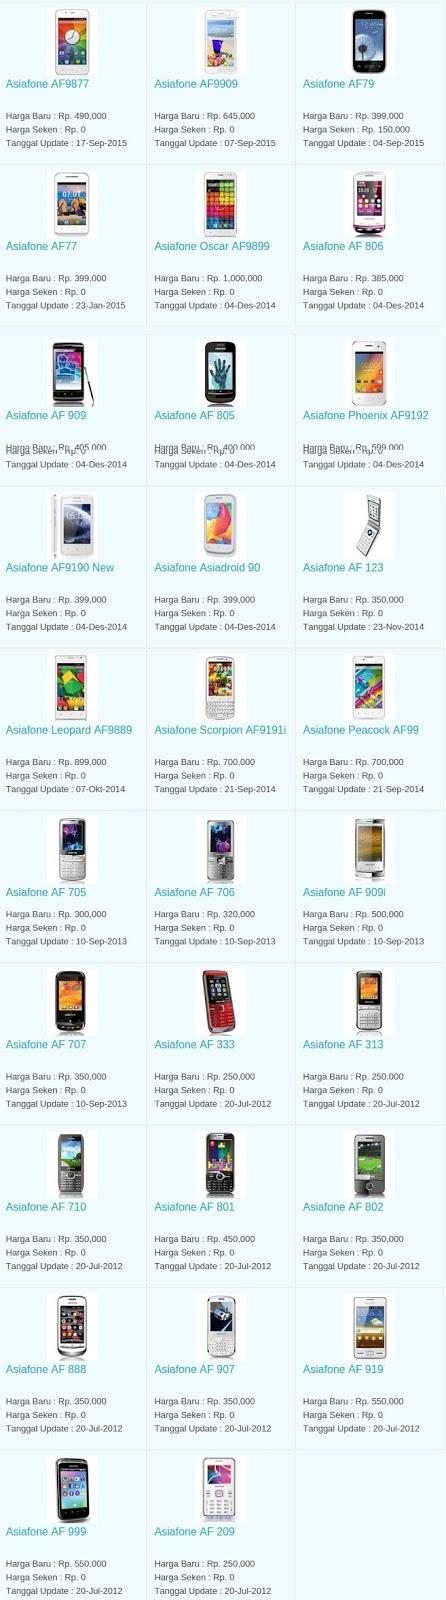 Daftar Harga Hp Terbaru Asiafone Juni 2016